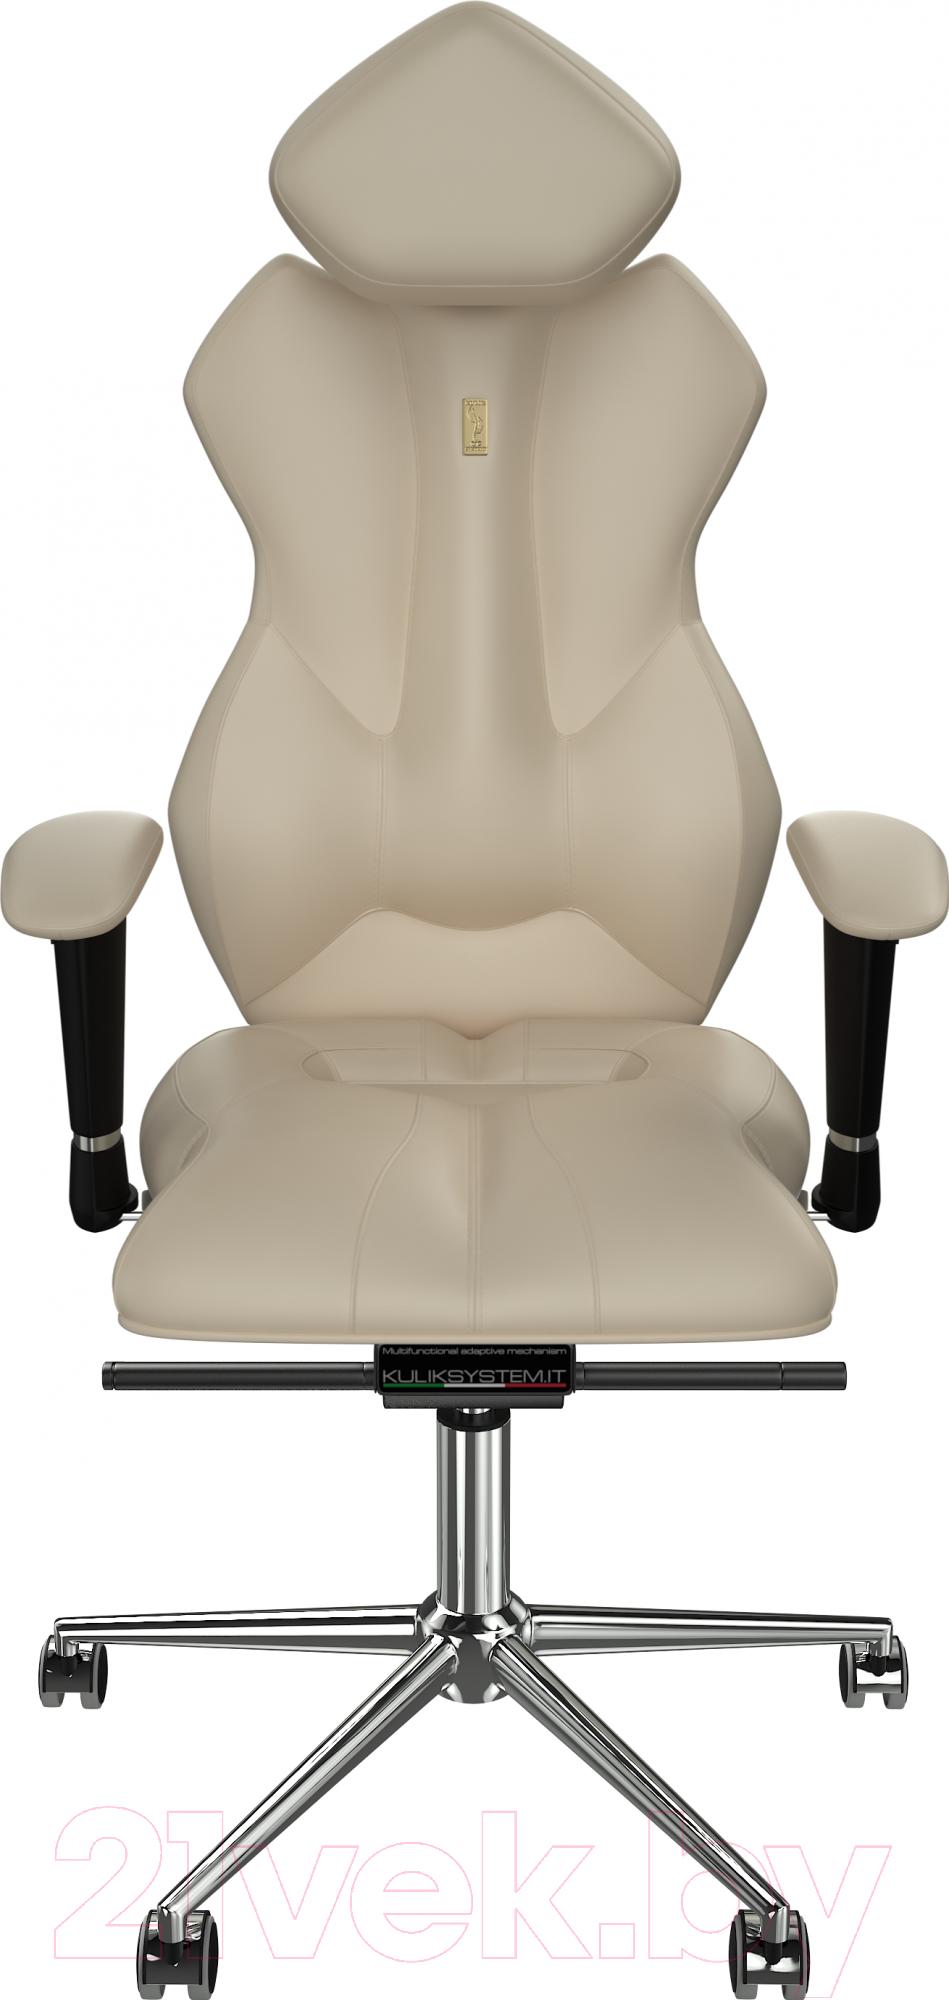 Купить Кресло офисное Kulik System, Royal кожа натуральная (бежевый с подголовником), Украина, Royal (Kulik System)